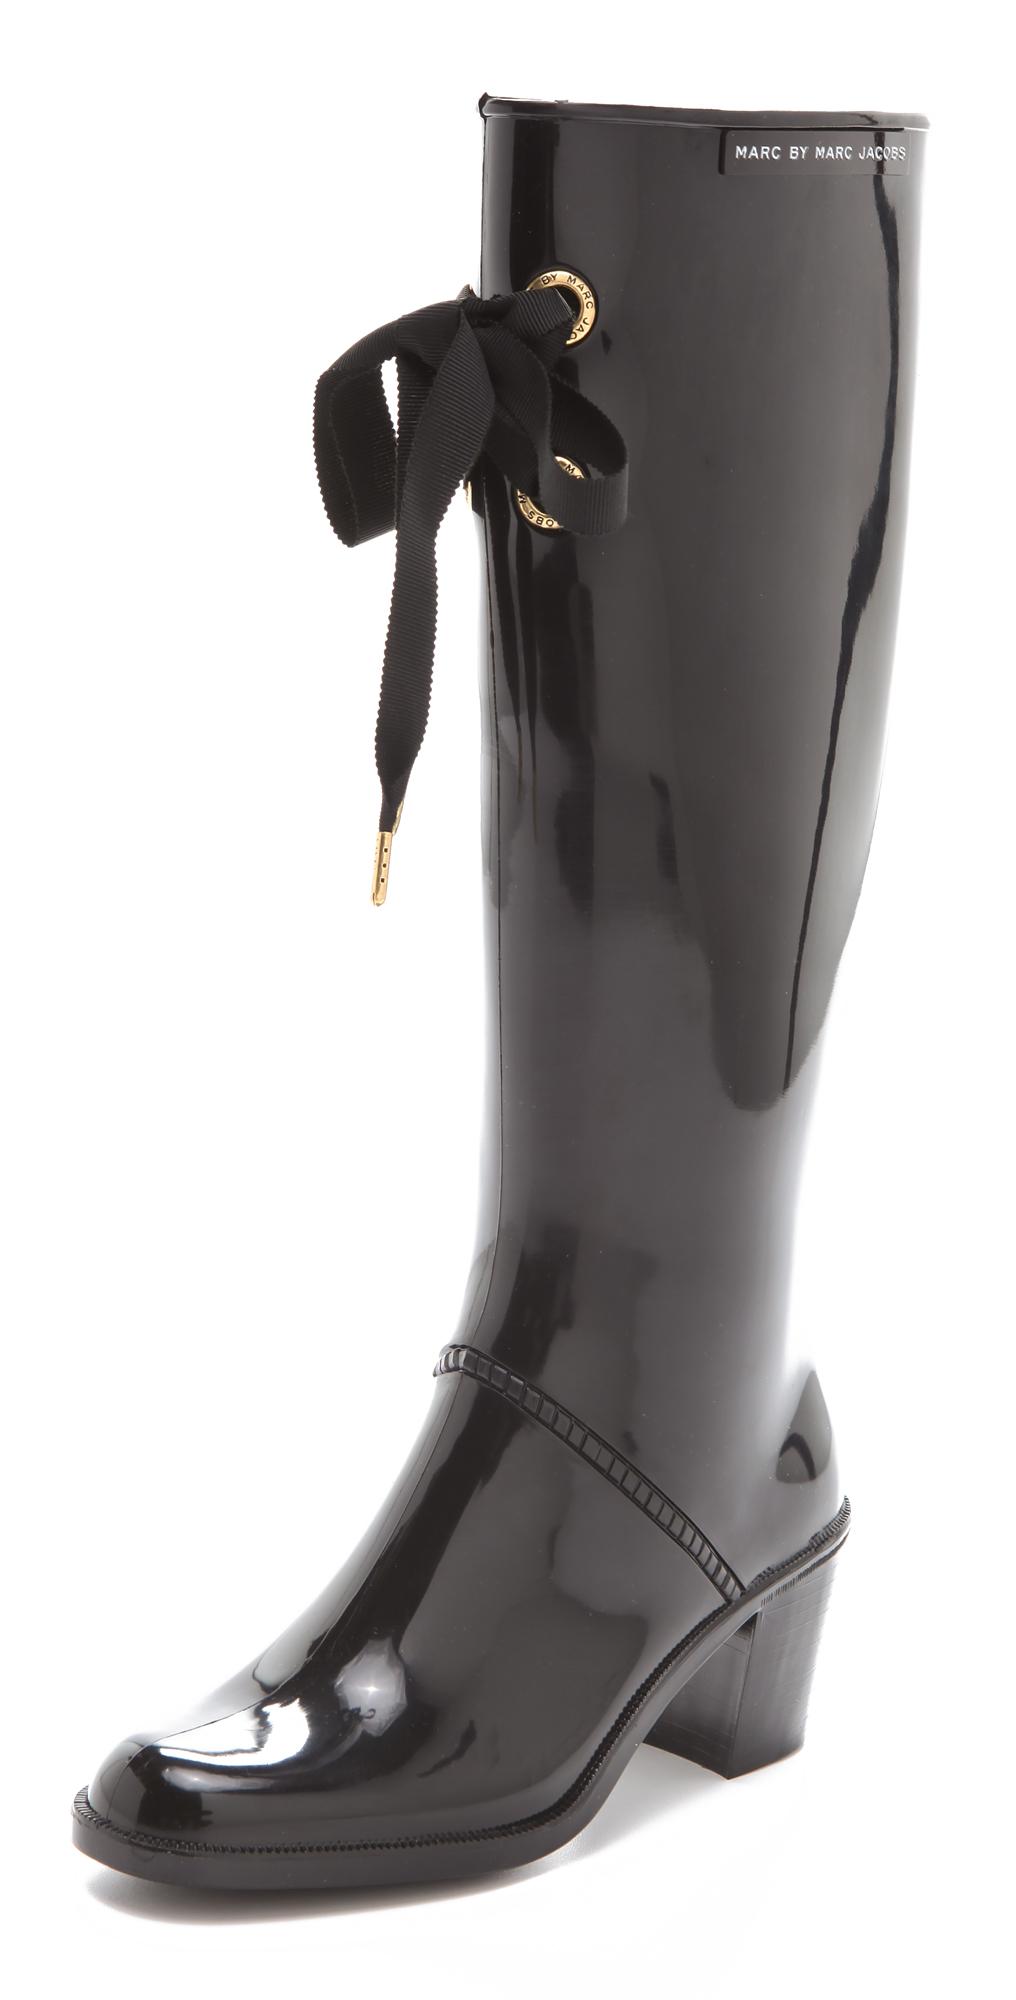 fa55ca7da07 Marc by Marc Jacobs Rain Boots